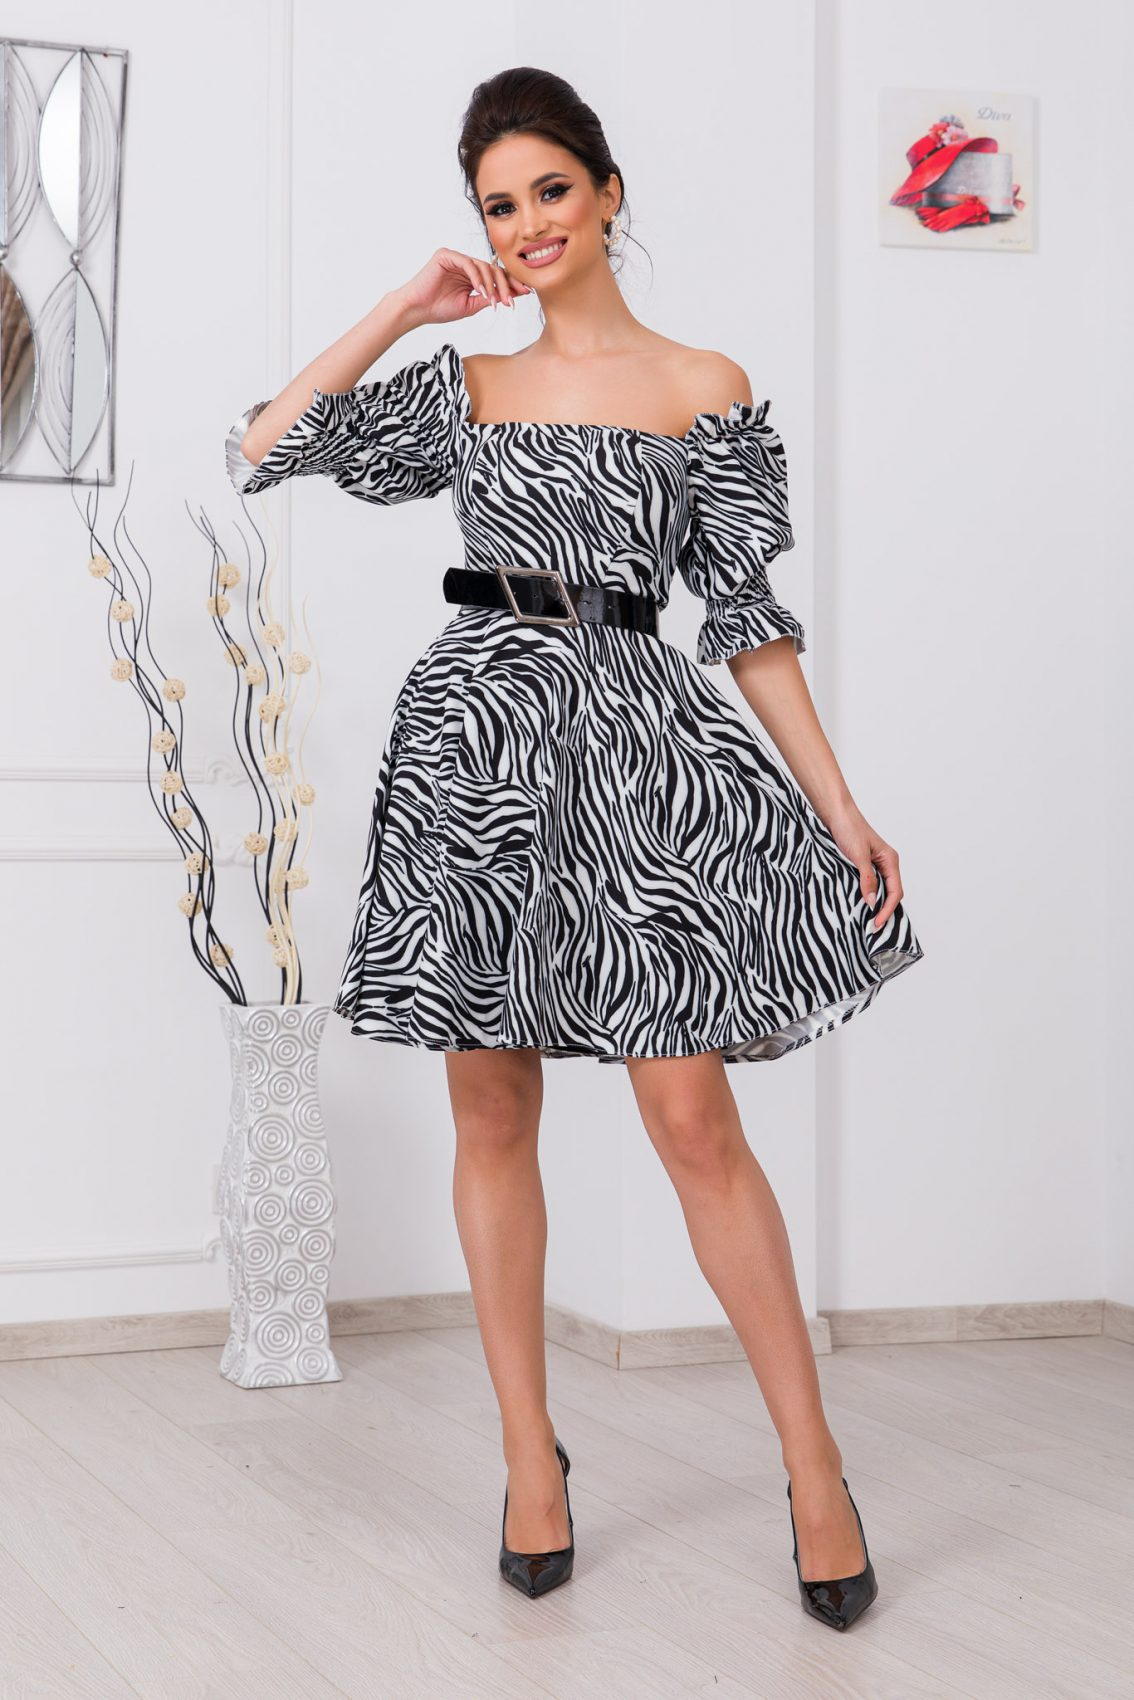 Ασπρόμαυρο Φόρεμα Με Ζώνη Elixir 9728 1